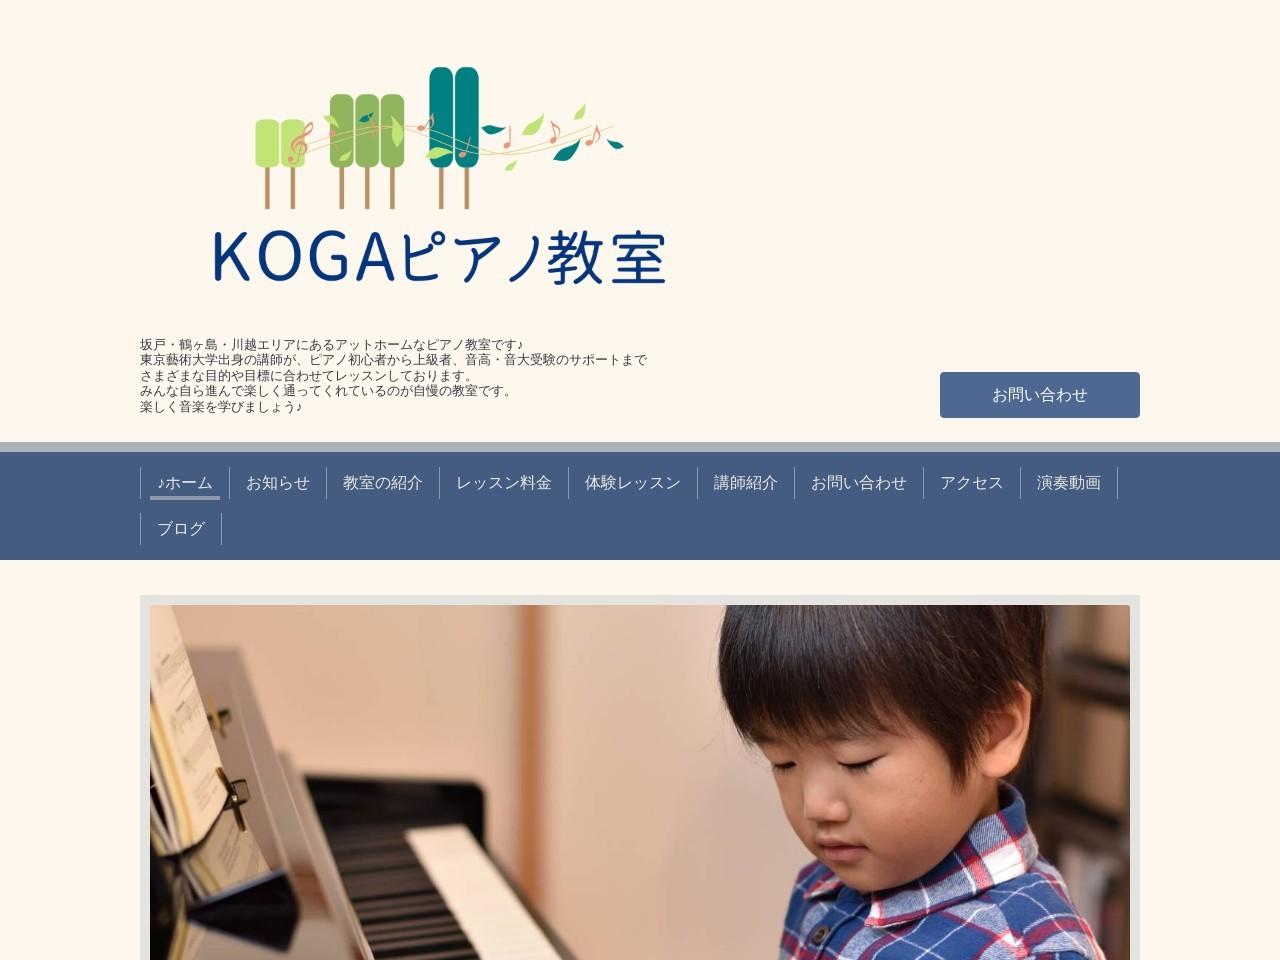 KOGAピアノ教室のサムネイル